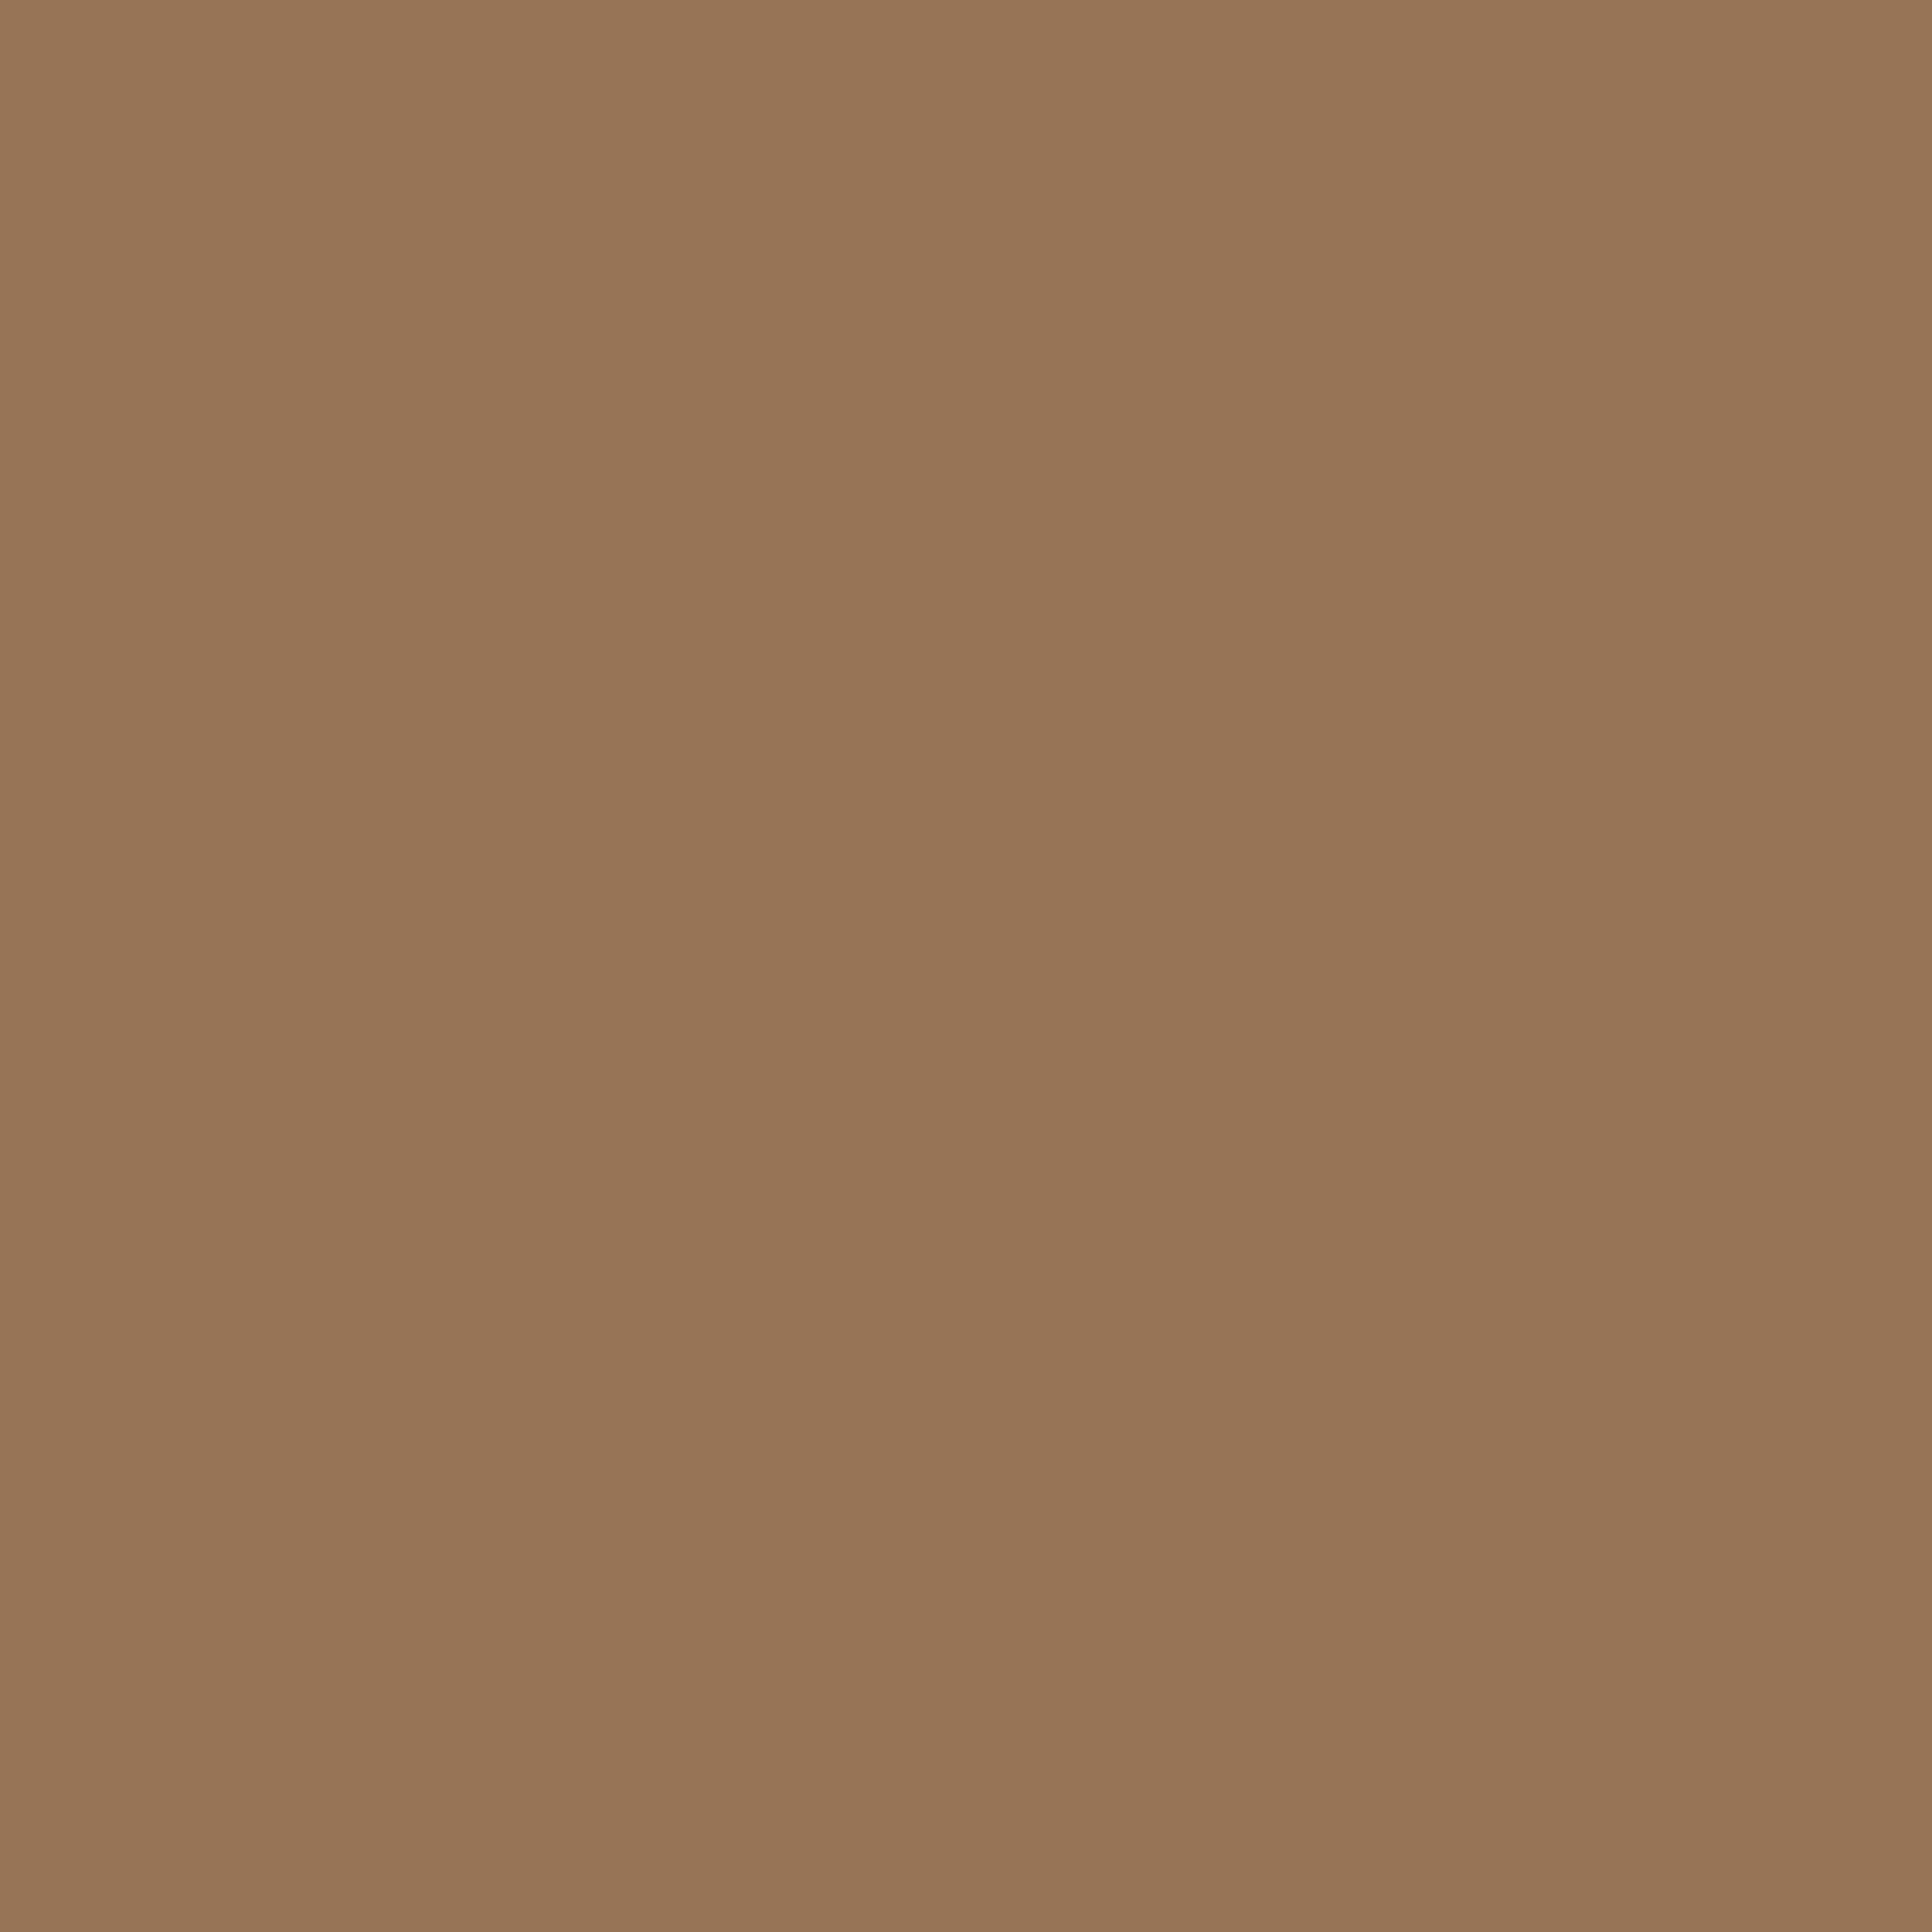 2732x2732 Liver Chestnut Solid Color Background